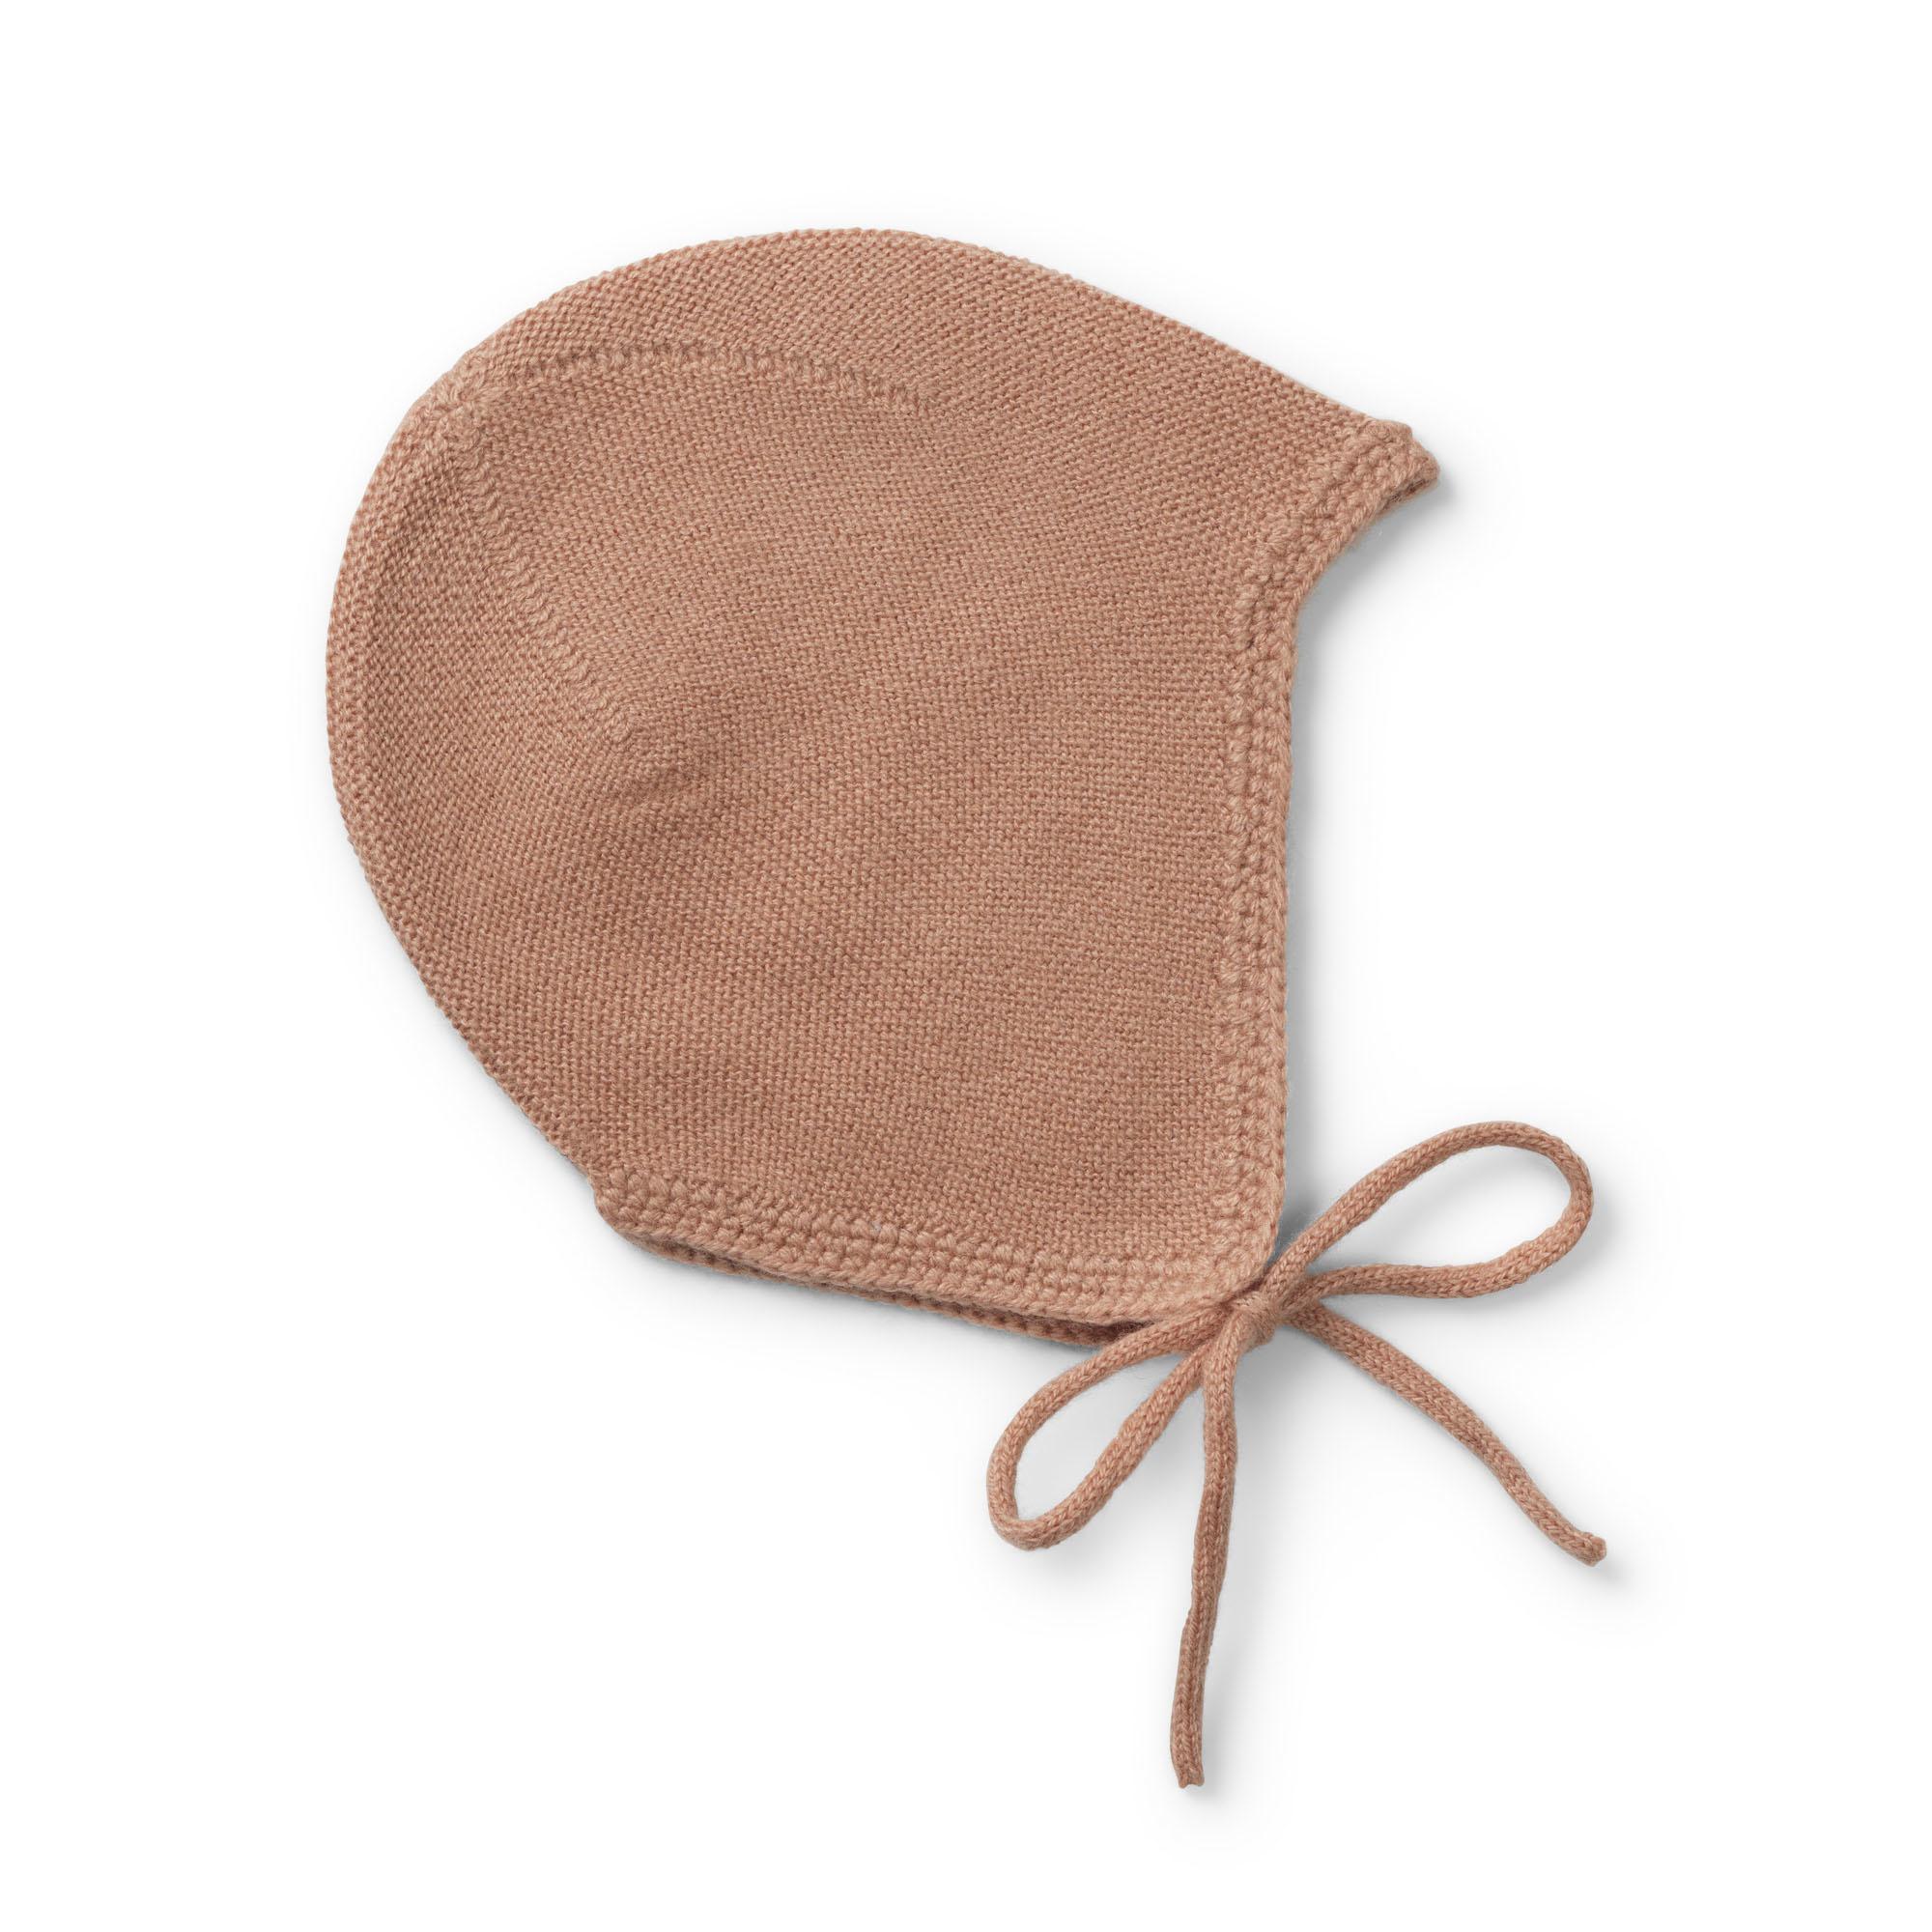 Elodie Details Elodie Baby Hat Vintage verblasste Rose 0-3m